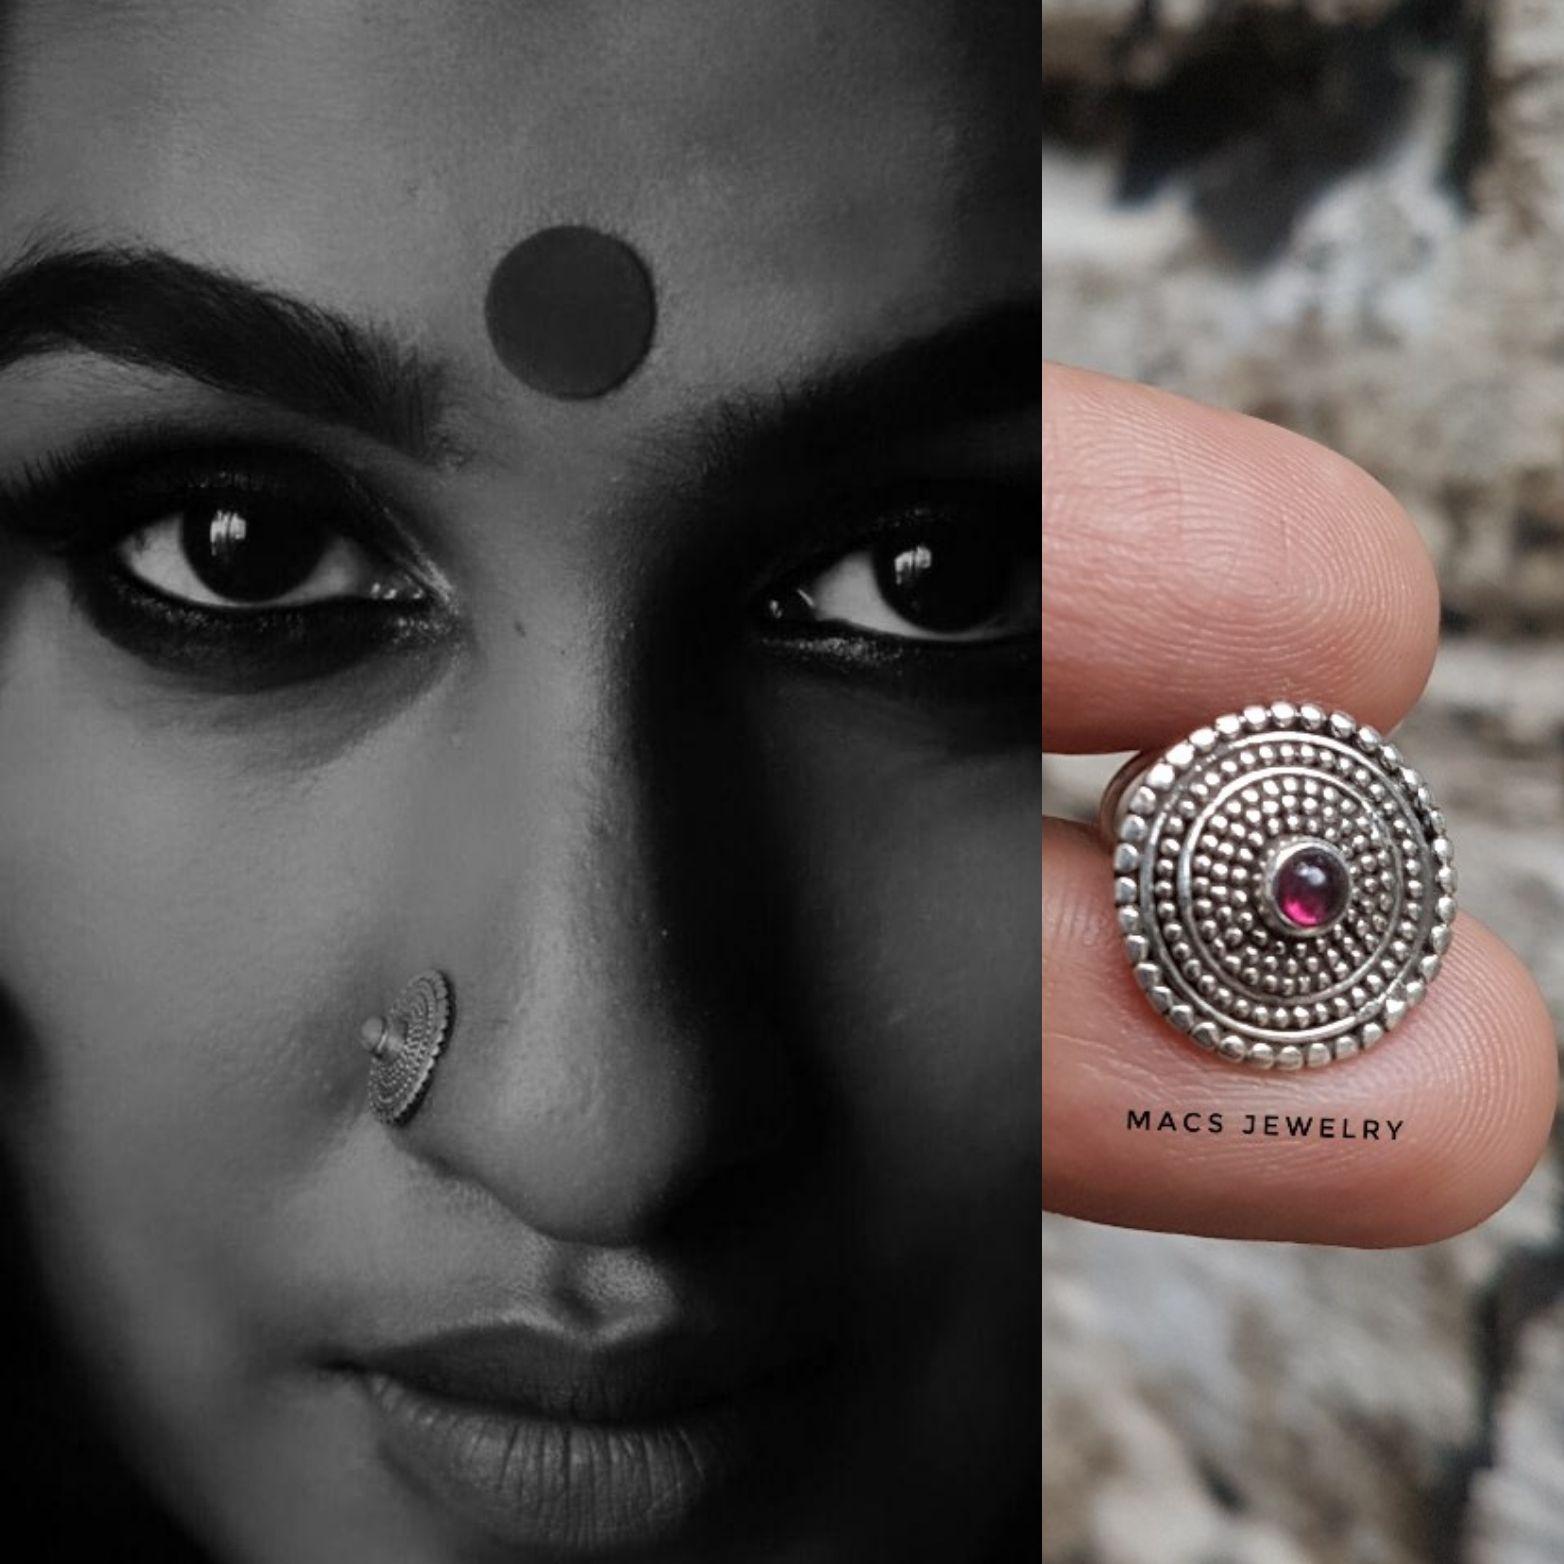 Big Garnet Disc Nose Pin In 2020 Nose Piercing Nose Ring Boho